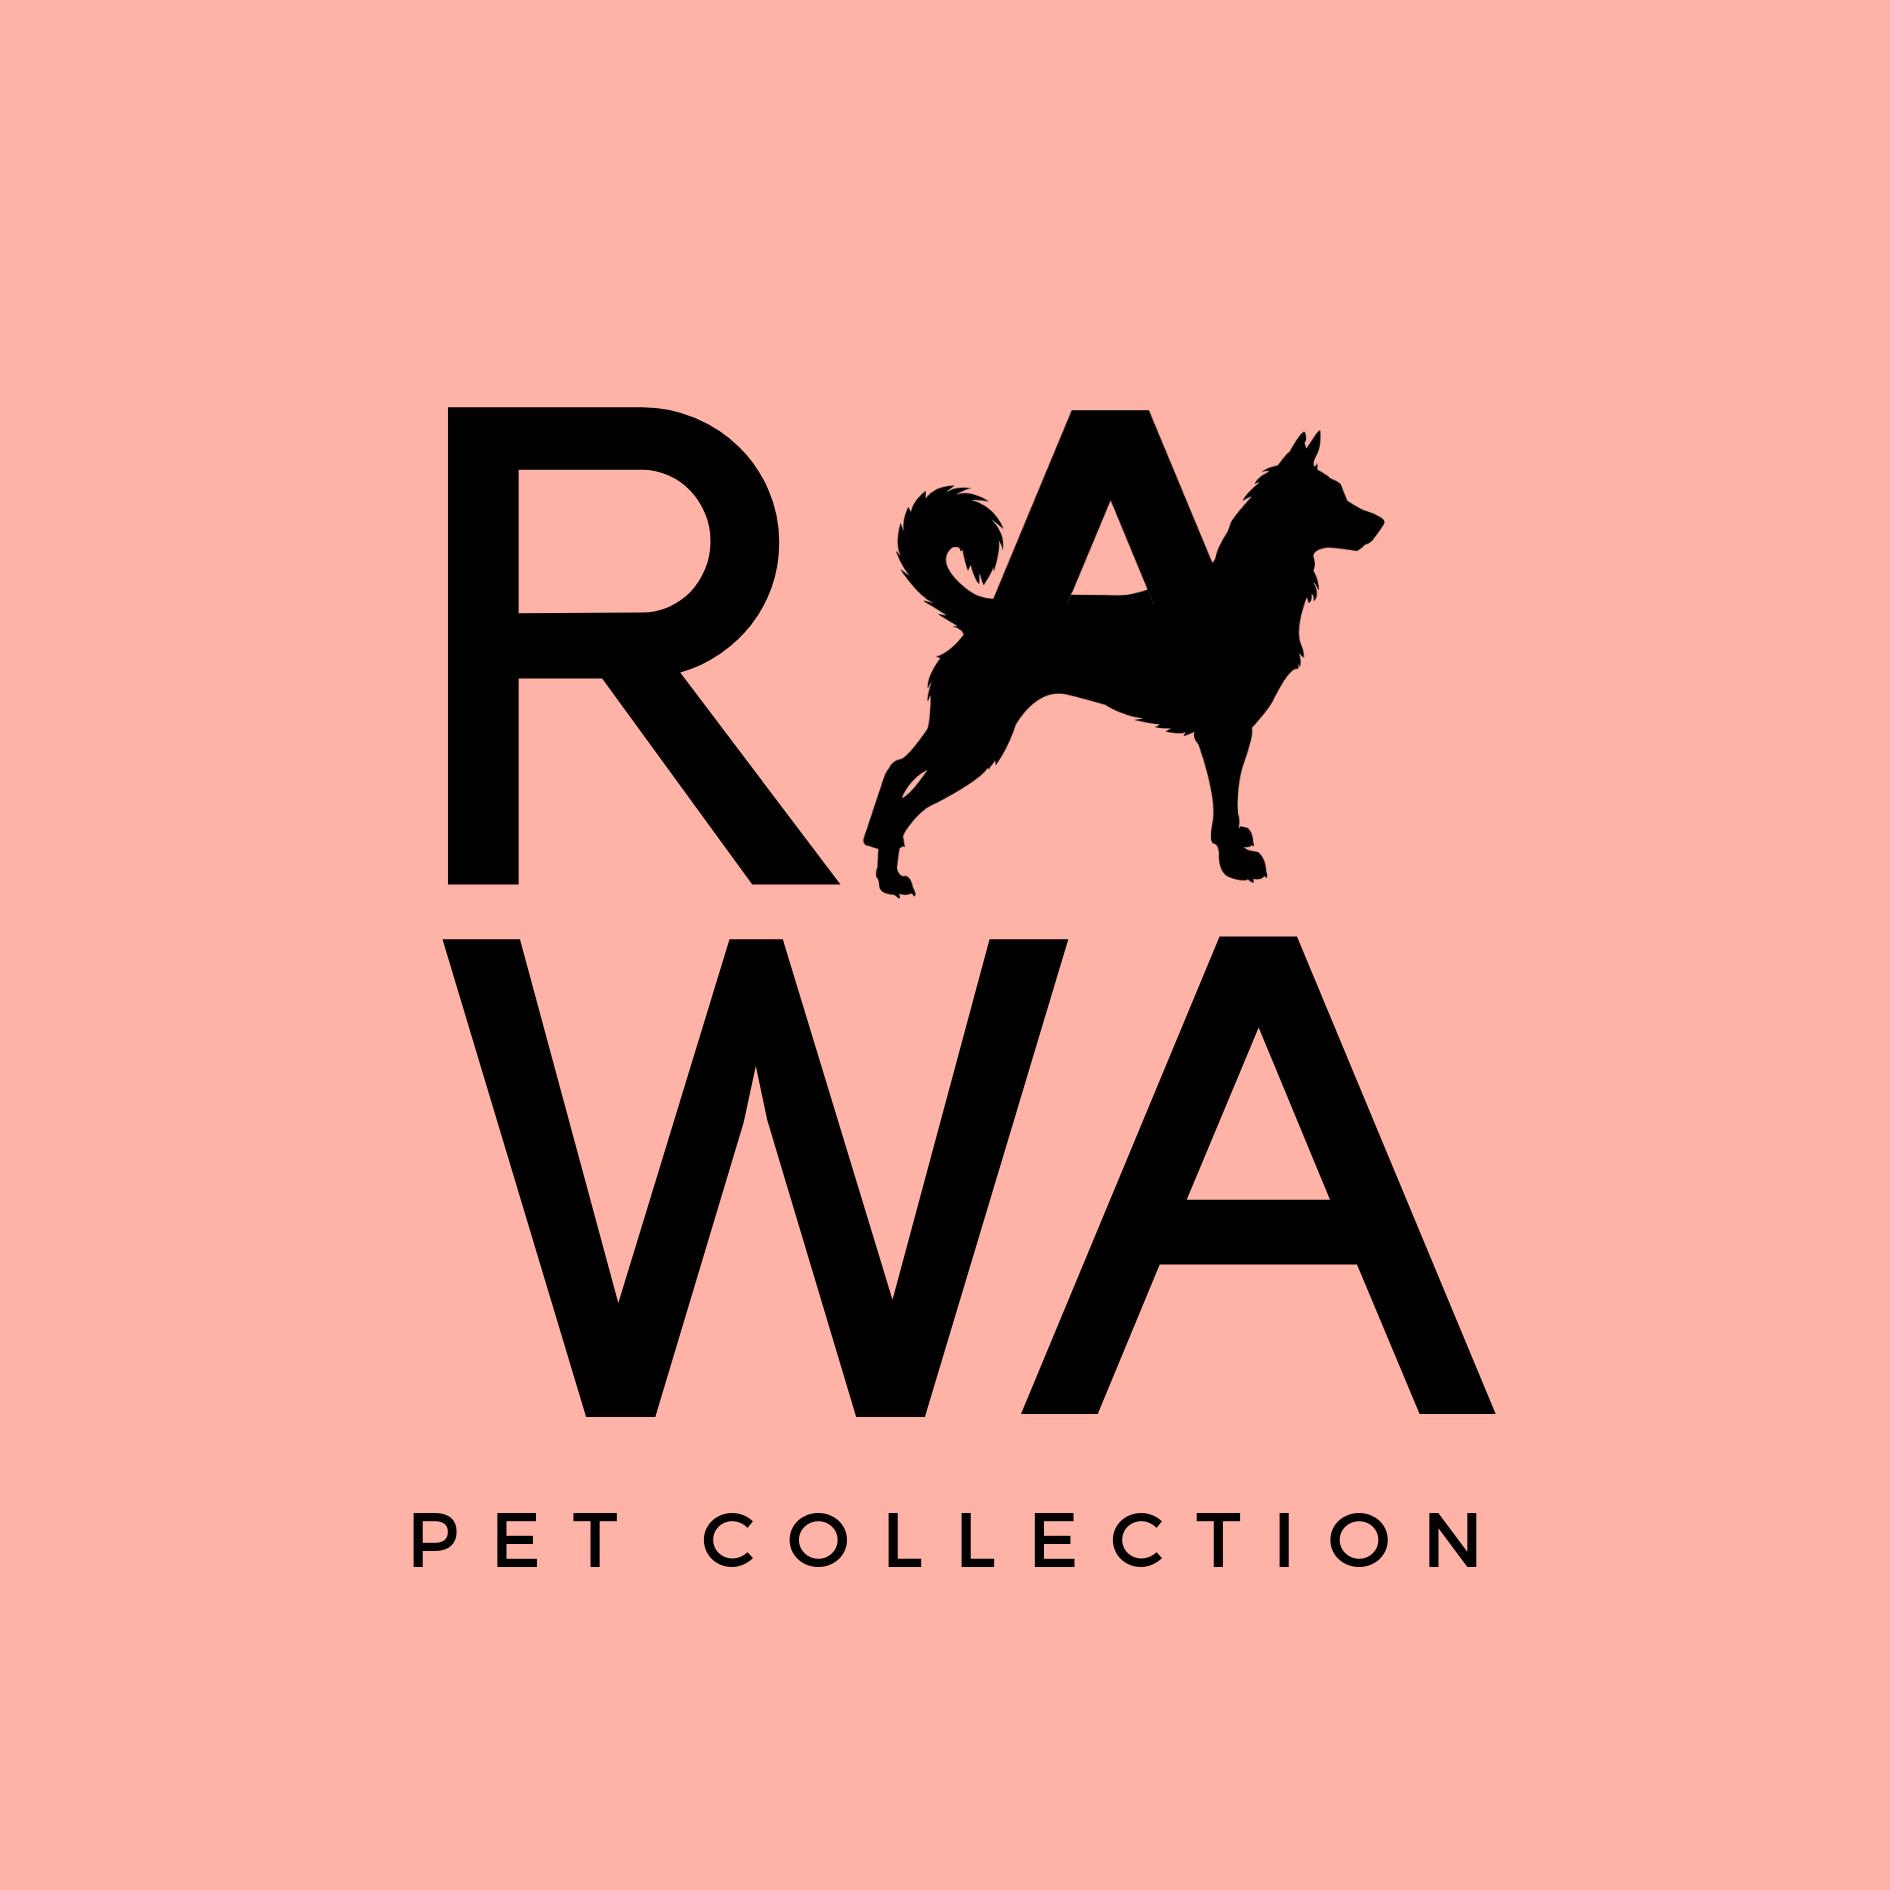 RAWA PETS